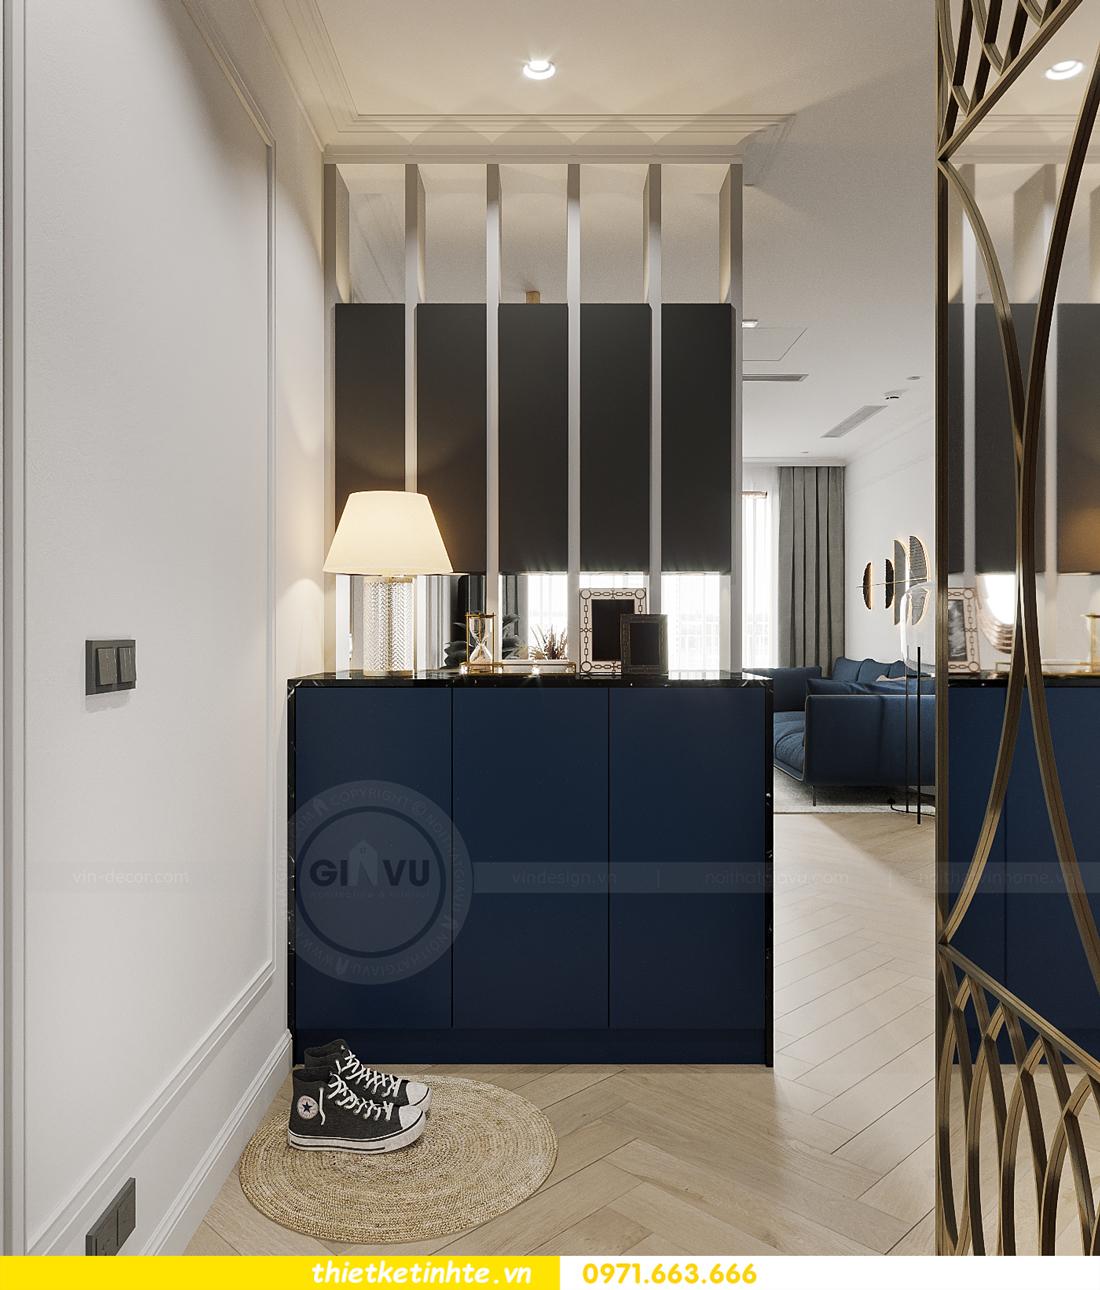 thiết kế nội thất chung cư Smart City tòa S102 căn 17 chị Hà 1